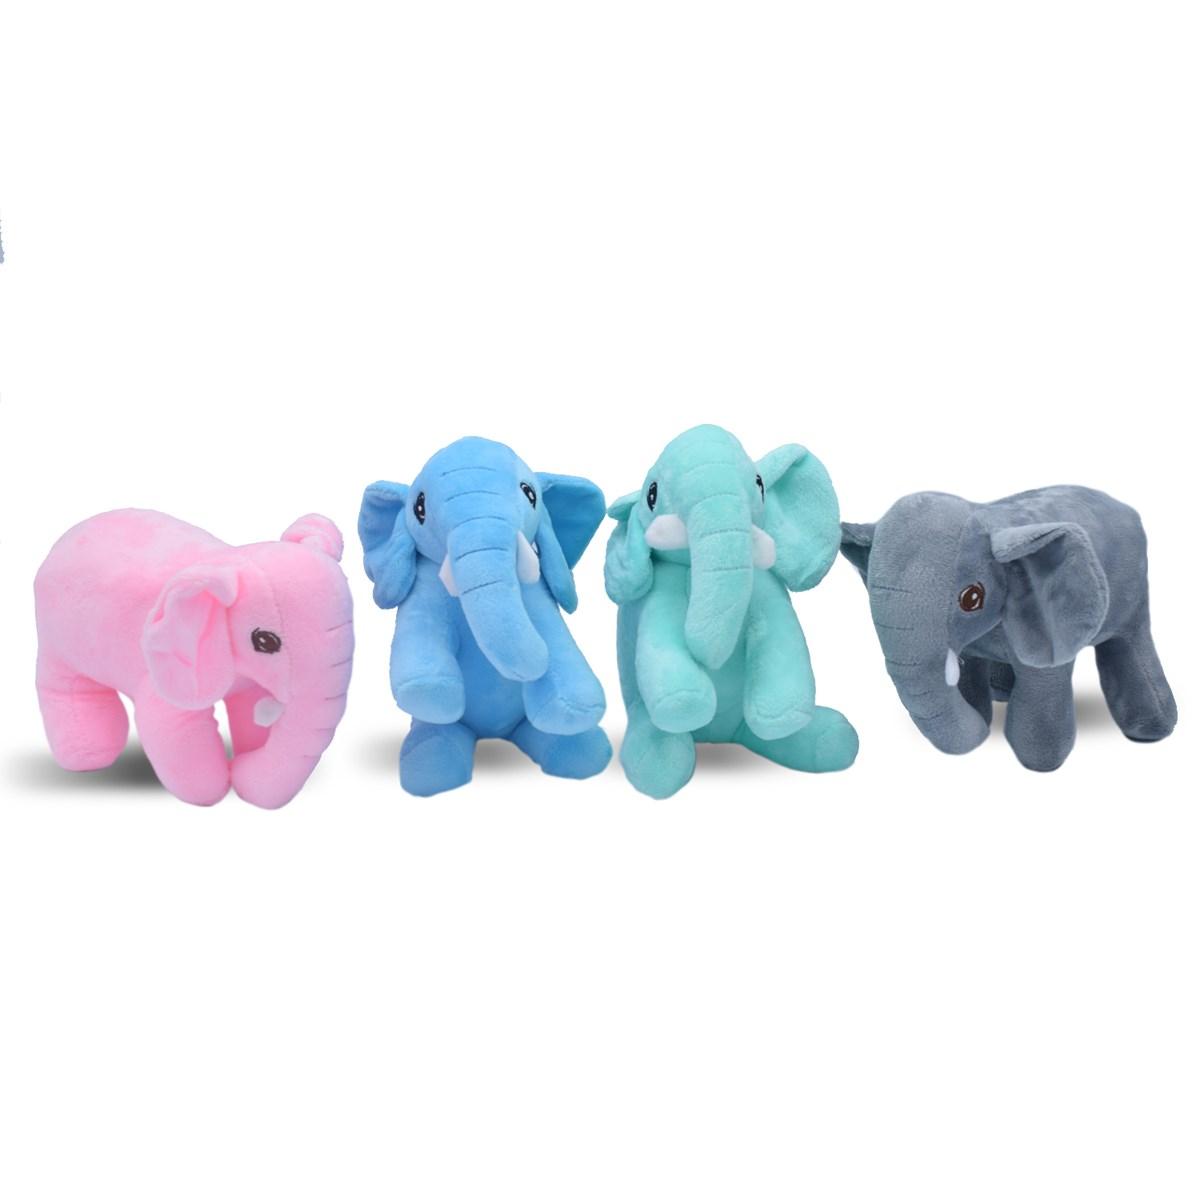 Kit Bichinho De Pelucia   Super Diverdido E Macio Elefante - Meu Pet